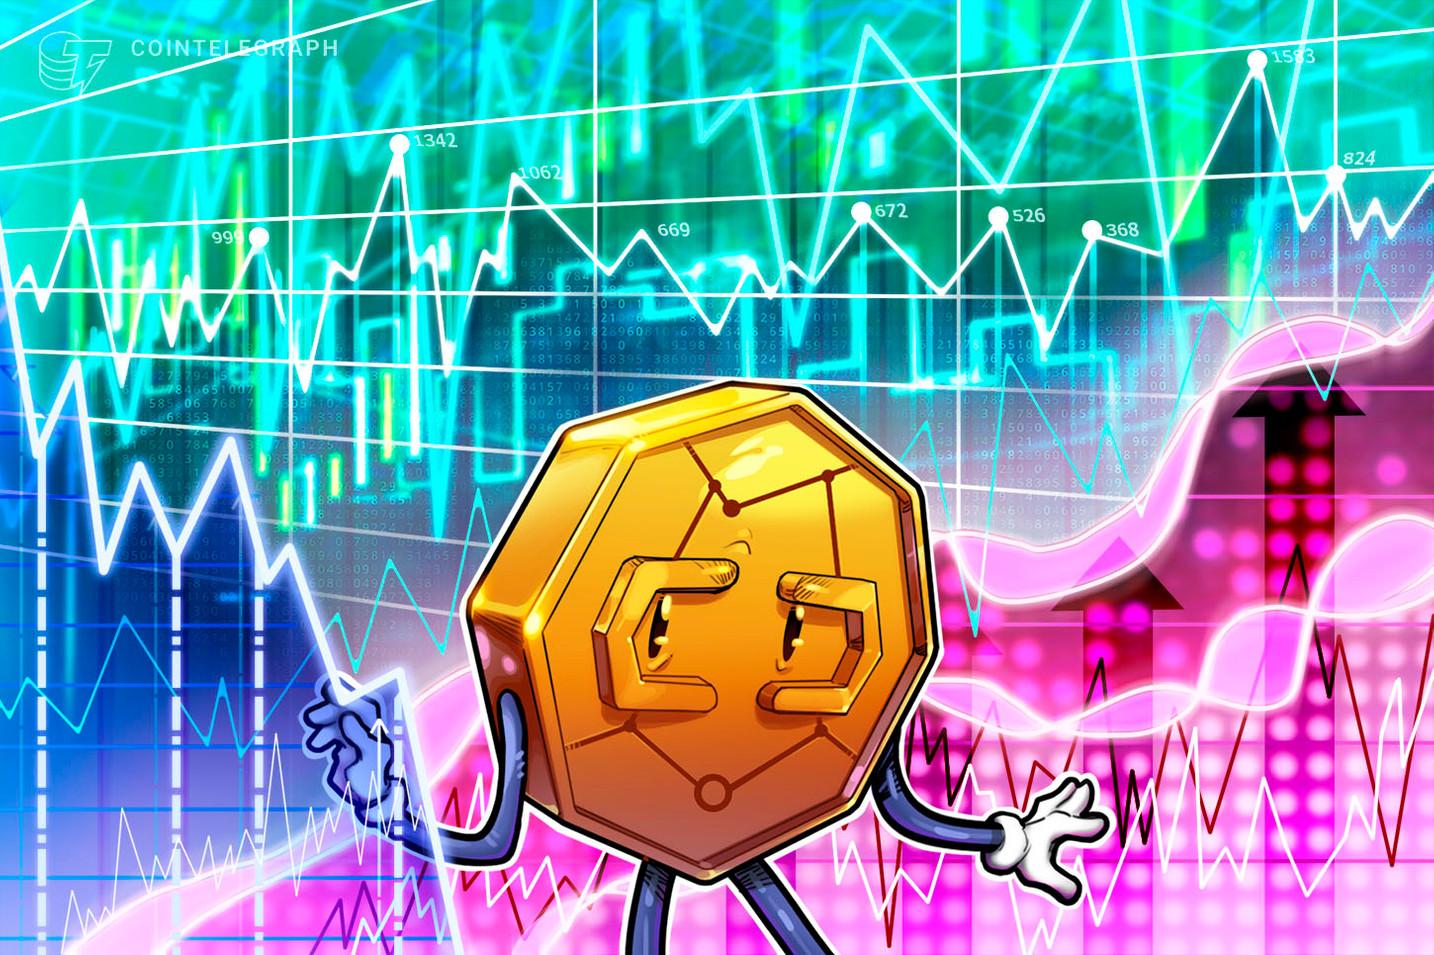 Capitalização de mercado de criptomoedas ganha US$ 400 bilhões, tokens DeFi lideram a recuperação